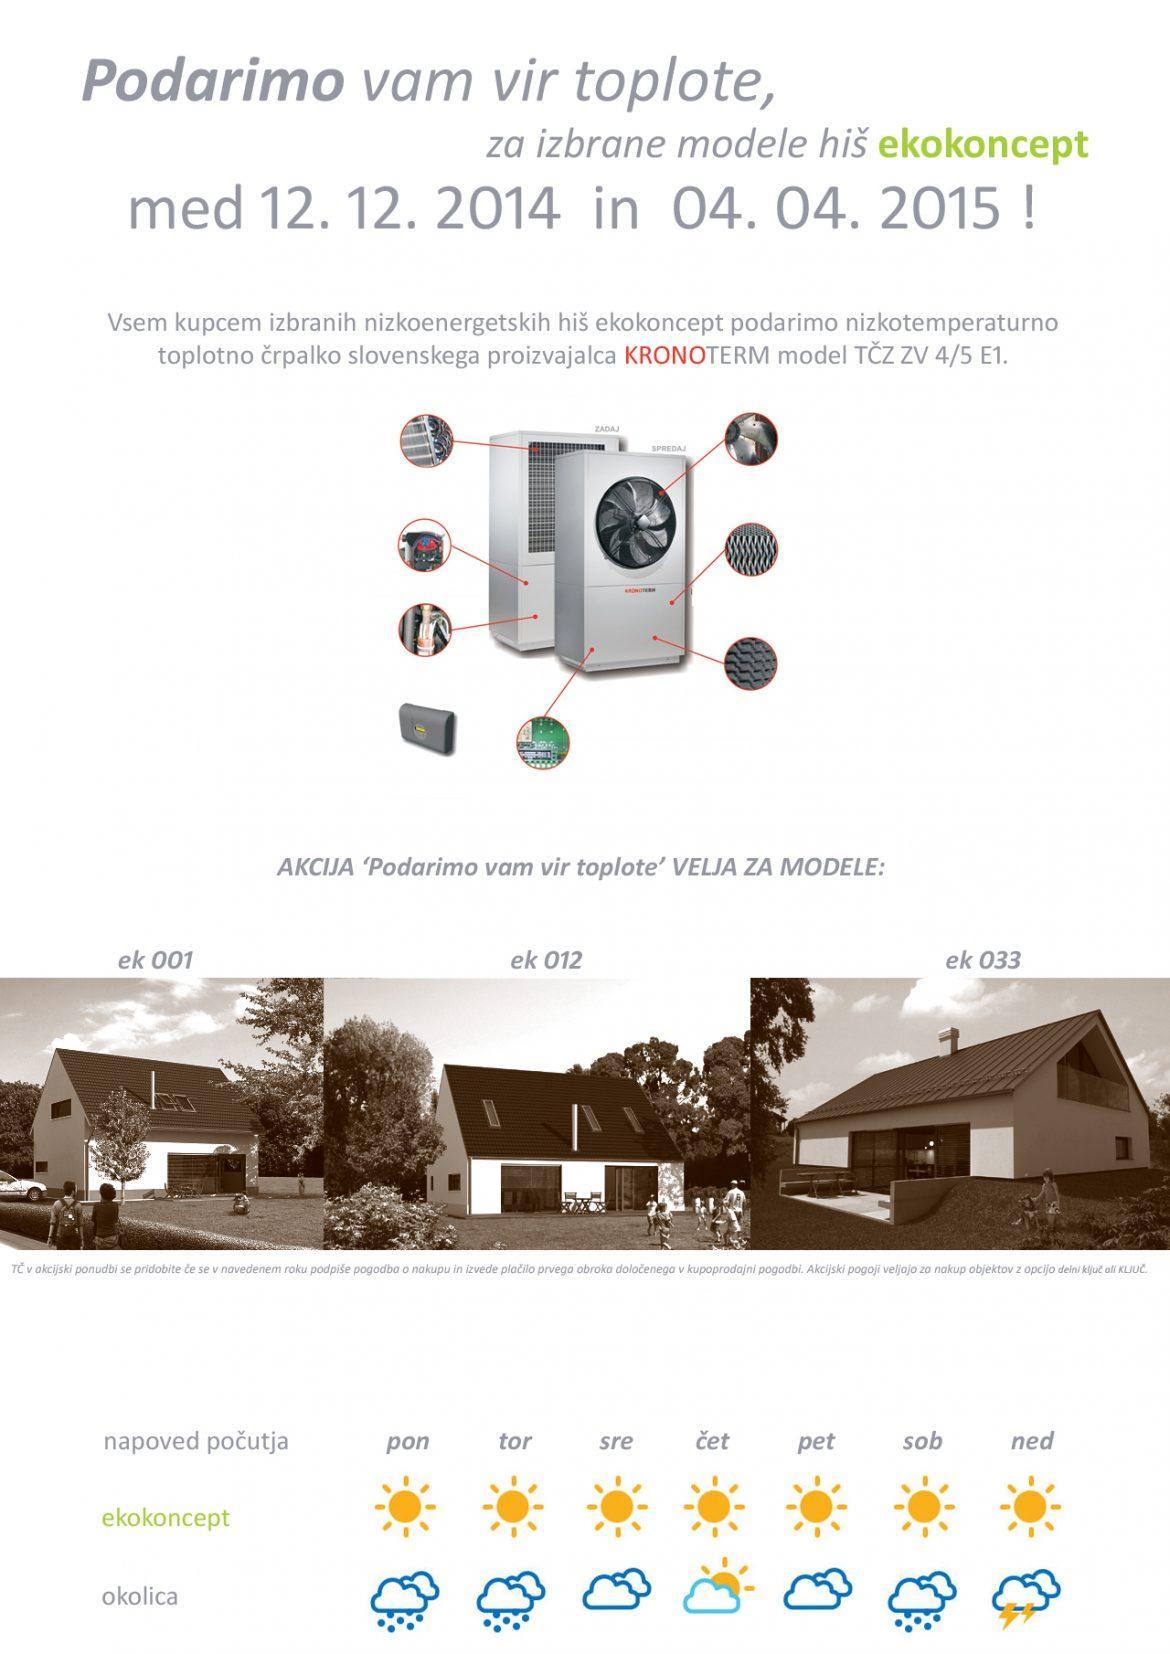 Akcija PODARIMO vir toplote med 12.12.2014 in 04.04.2015